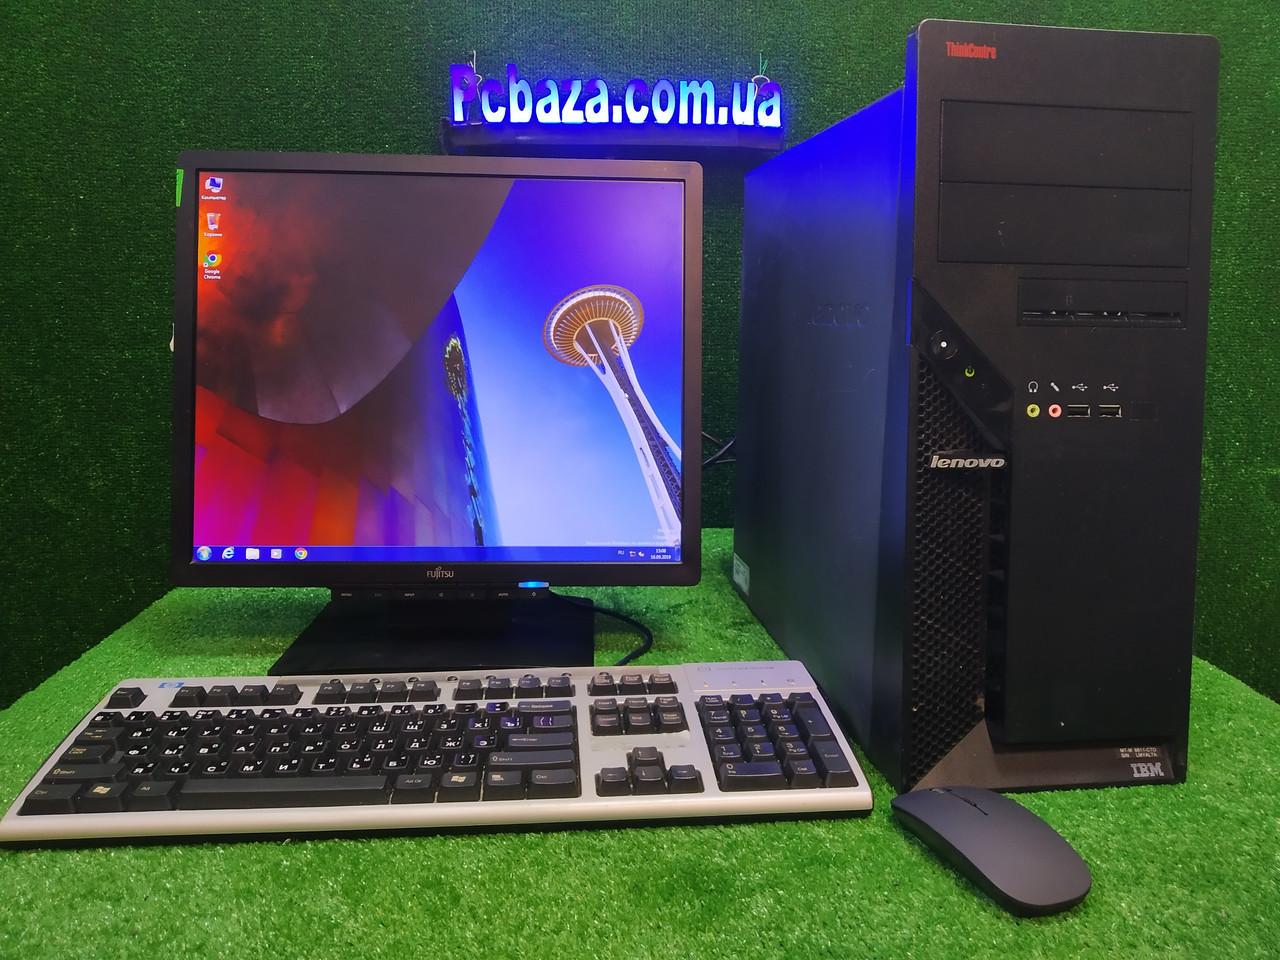 """Комплект Lenovo M55, 2 ядра, 4 ГБ ОЗУ, 320 Гб HDD + LED монитор 19"""" Fujitsu , Полностью настроен!"""